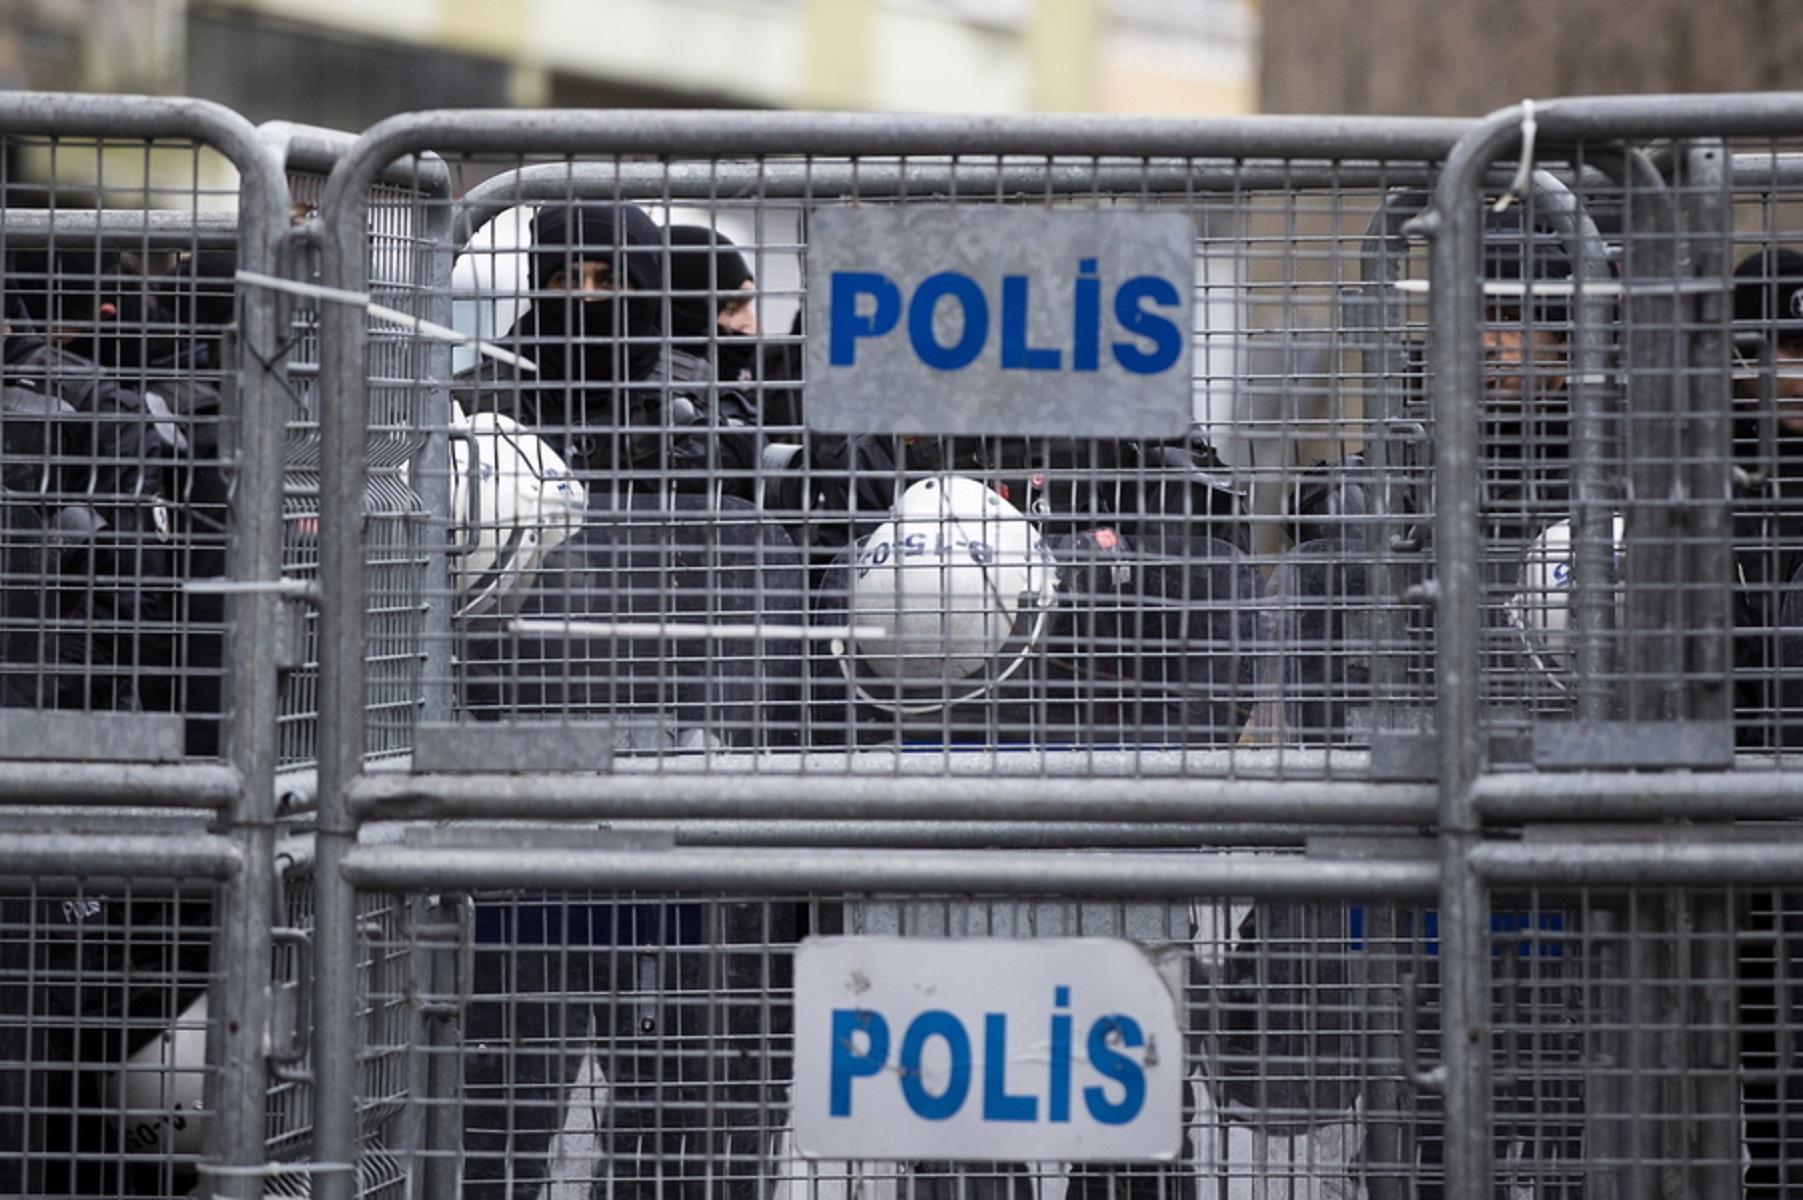 Τουρκία: Νέο κύμα... δημοκρατίας - Συνέλαβαν Δήμαρχο της αντιπολίτευσης και άλλους 181